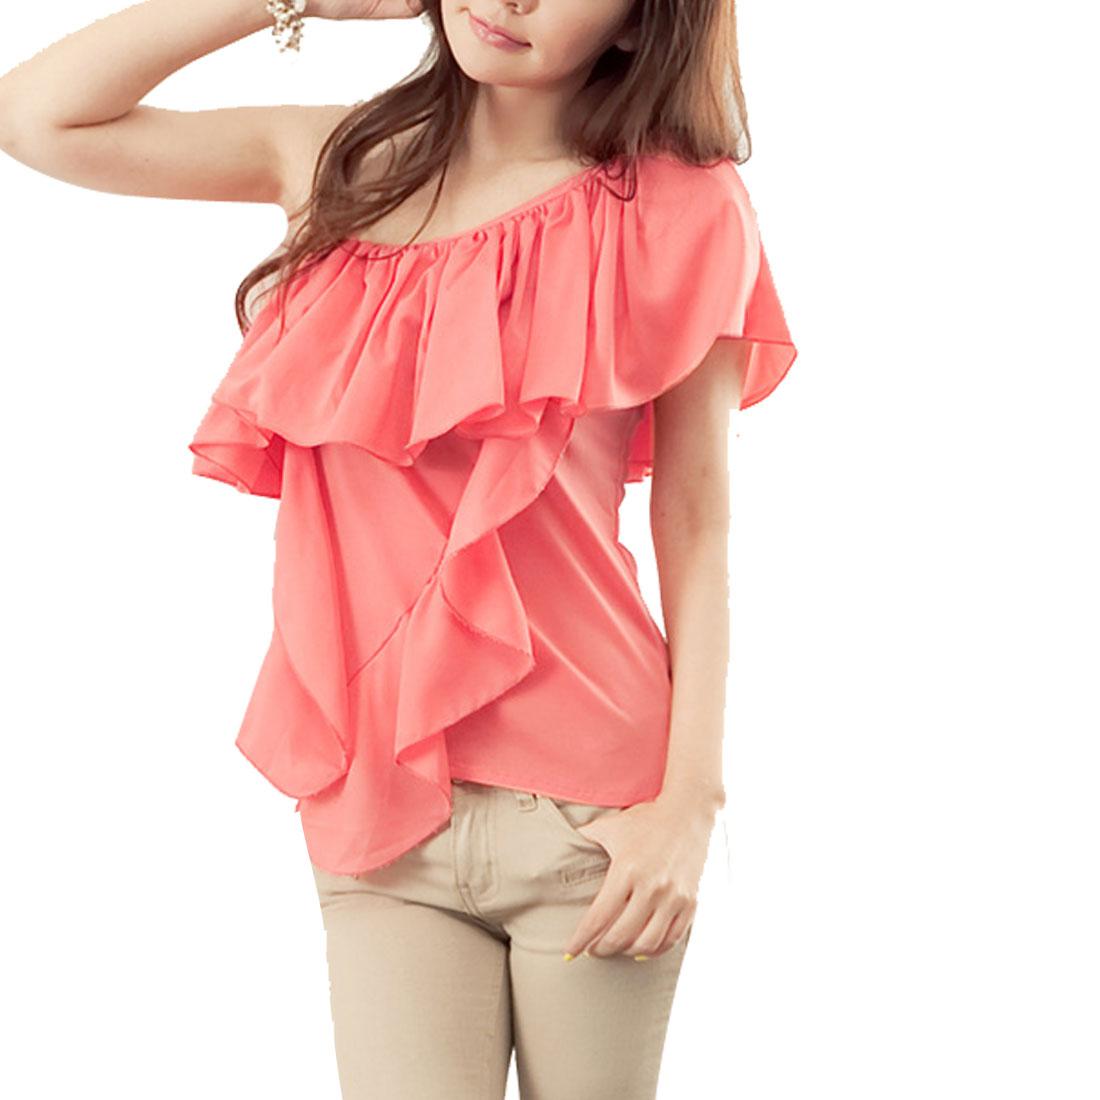 Woman Single Chain Strap Watermelon Pink Chiffon Shirt XS